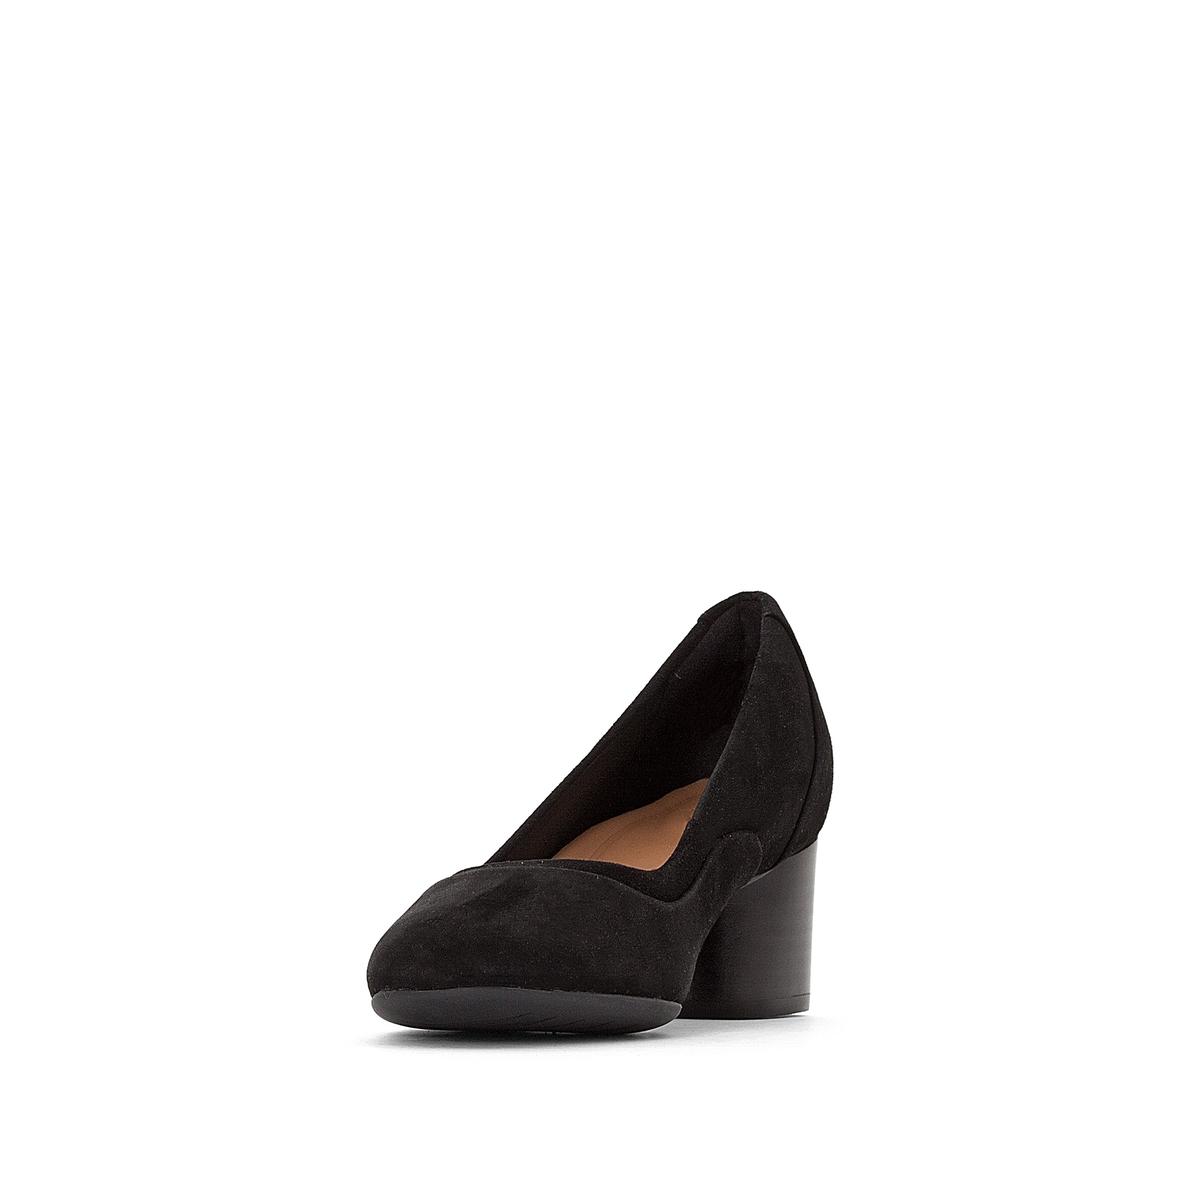 Imagen secundaria de producto de Zapatos de piel aterciopelada con tacón Un Cosmo S - Clarks